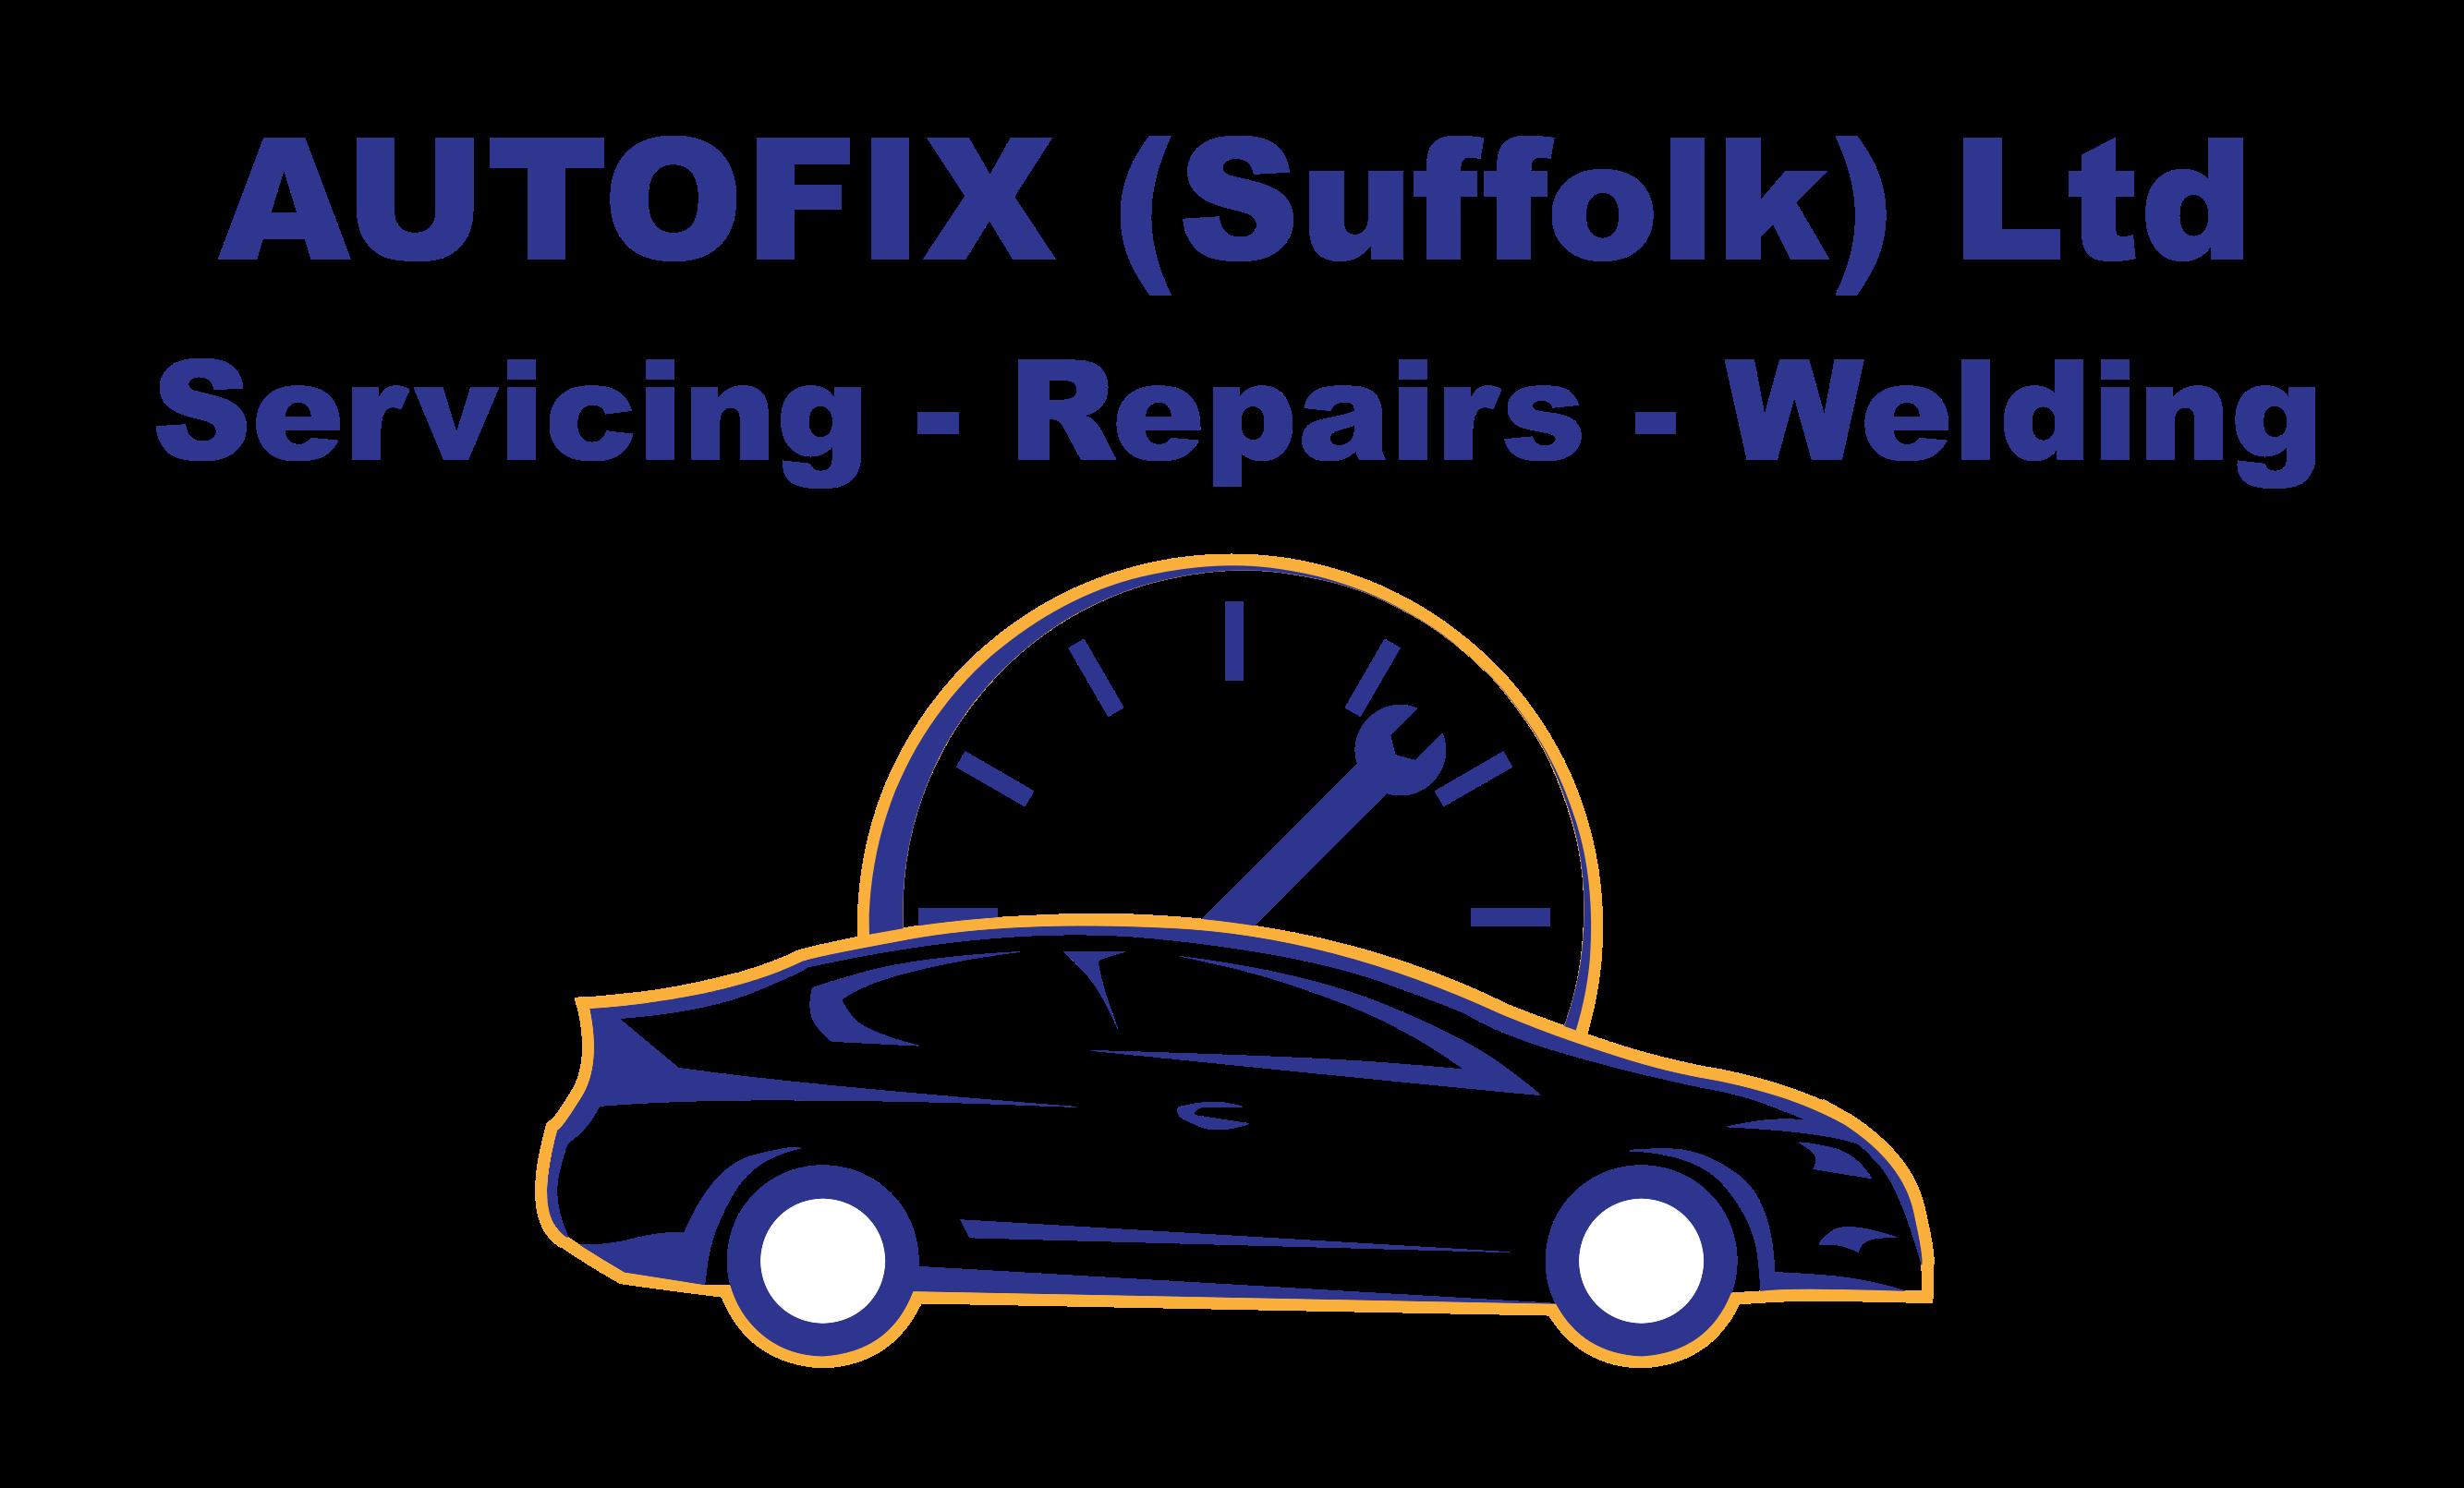 Autofix Suffolk